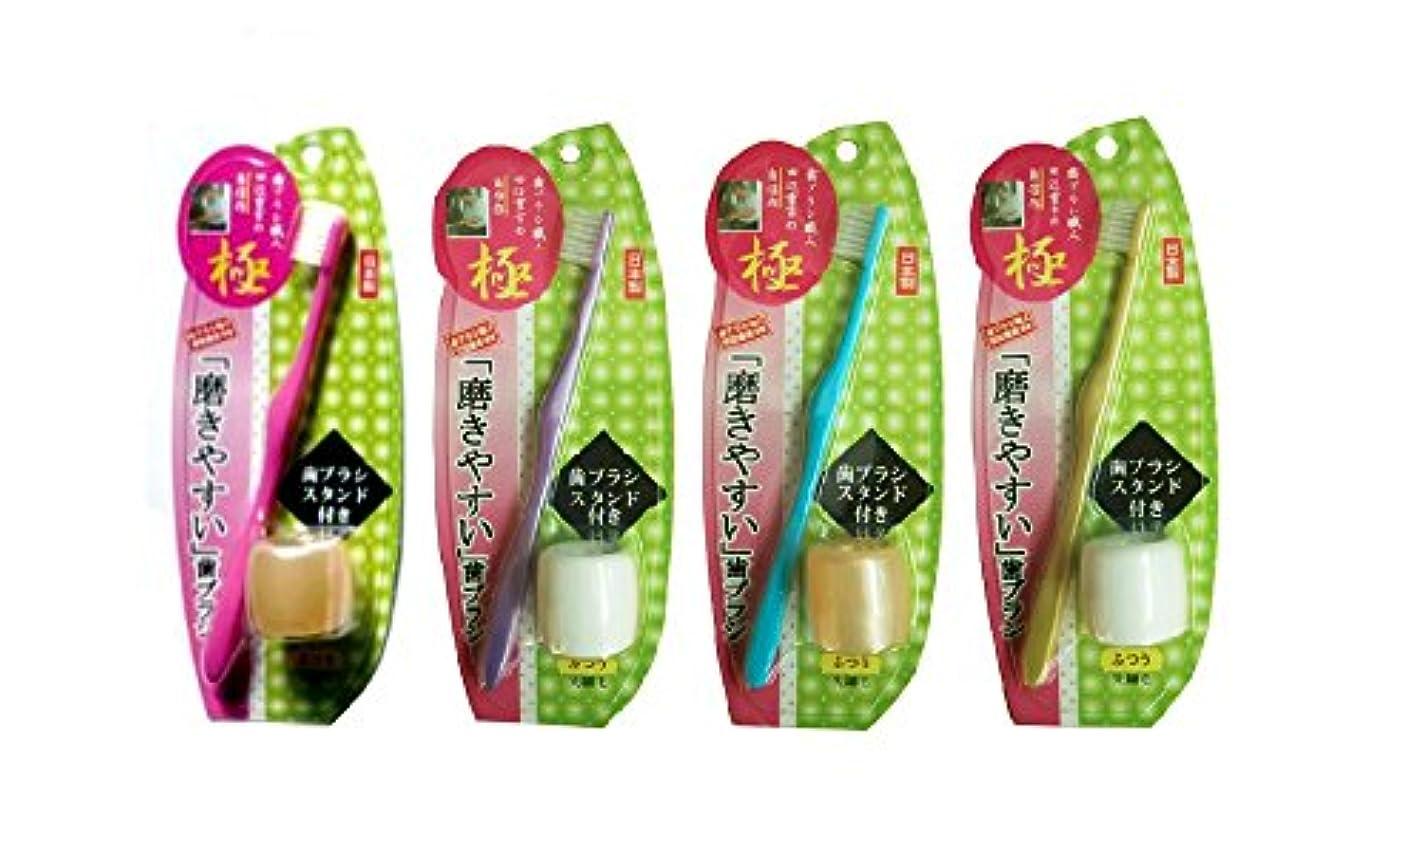 磨きやすい歯ブラシ極 先細毛 歯ブラシスタンド付 LT-23 4本セット(ピンク?パープル?ブルー?ゴールド)